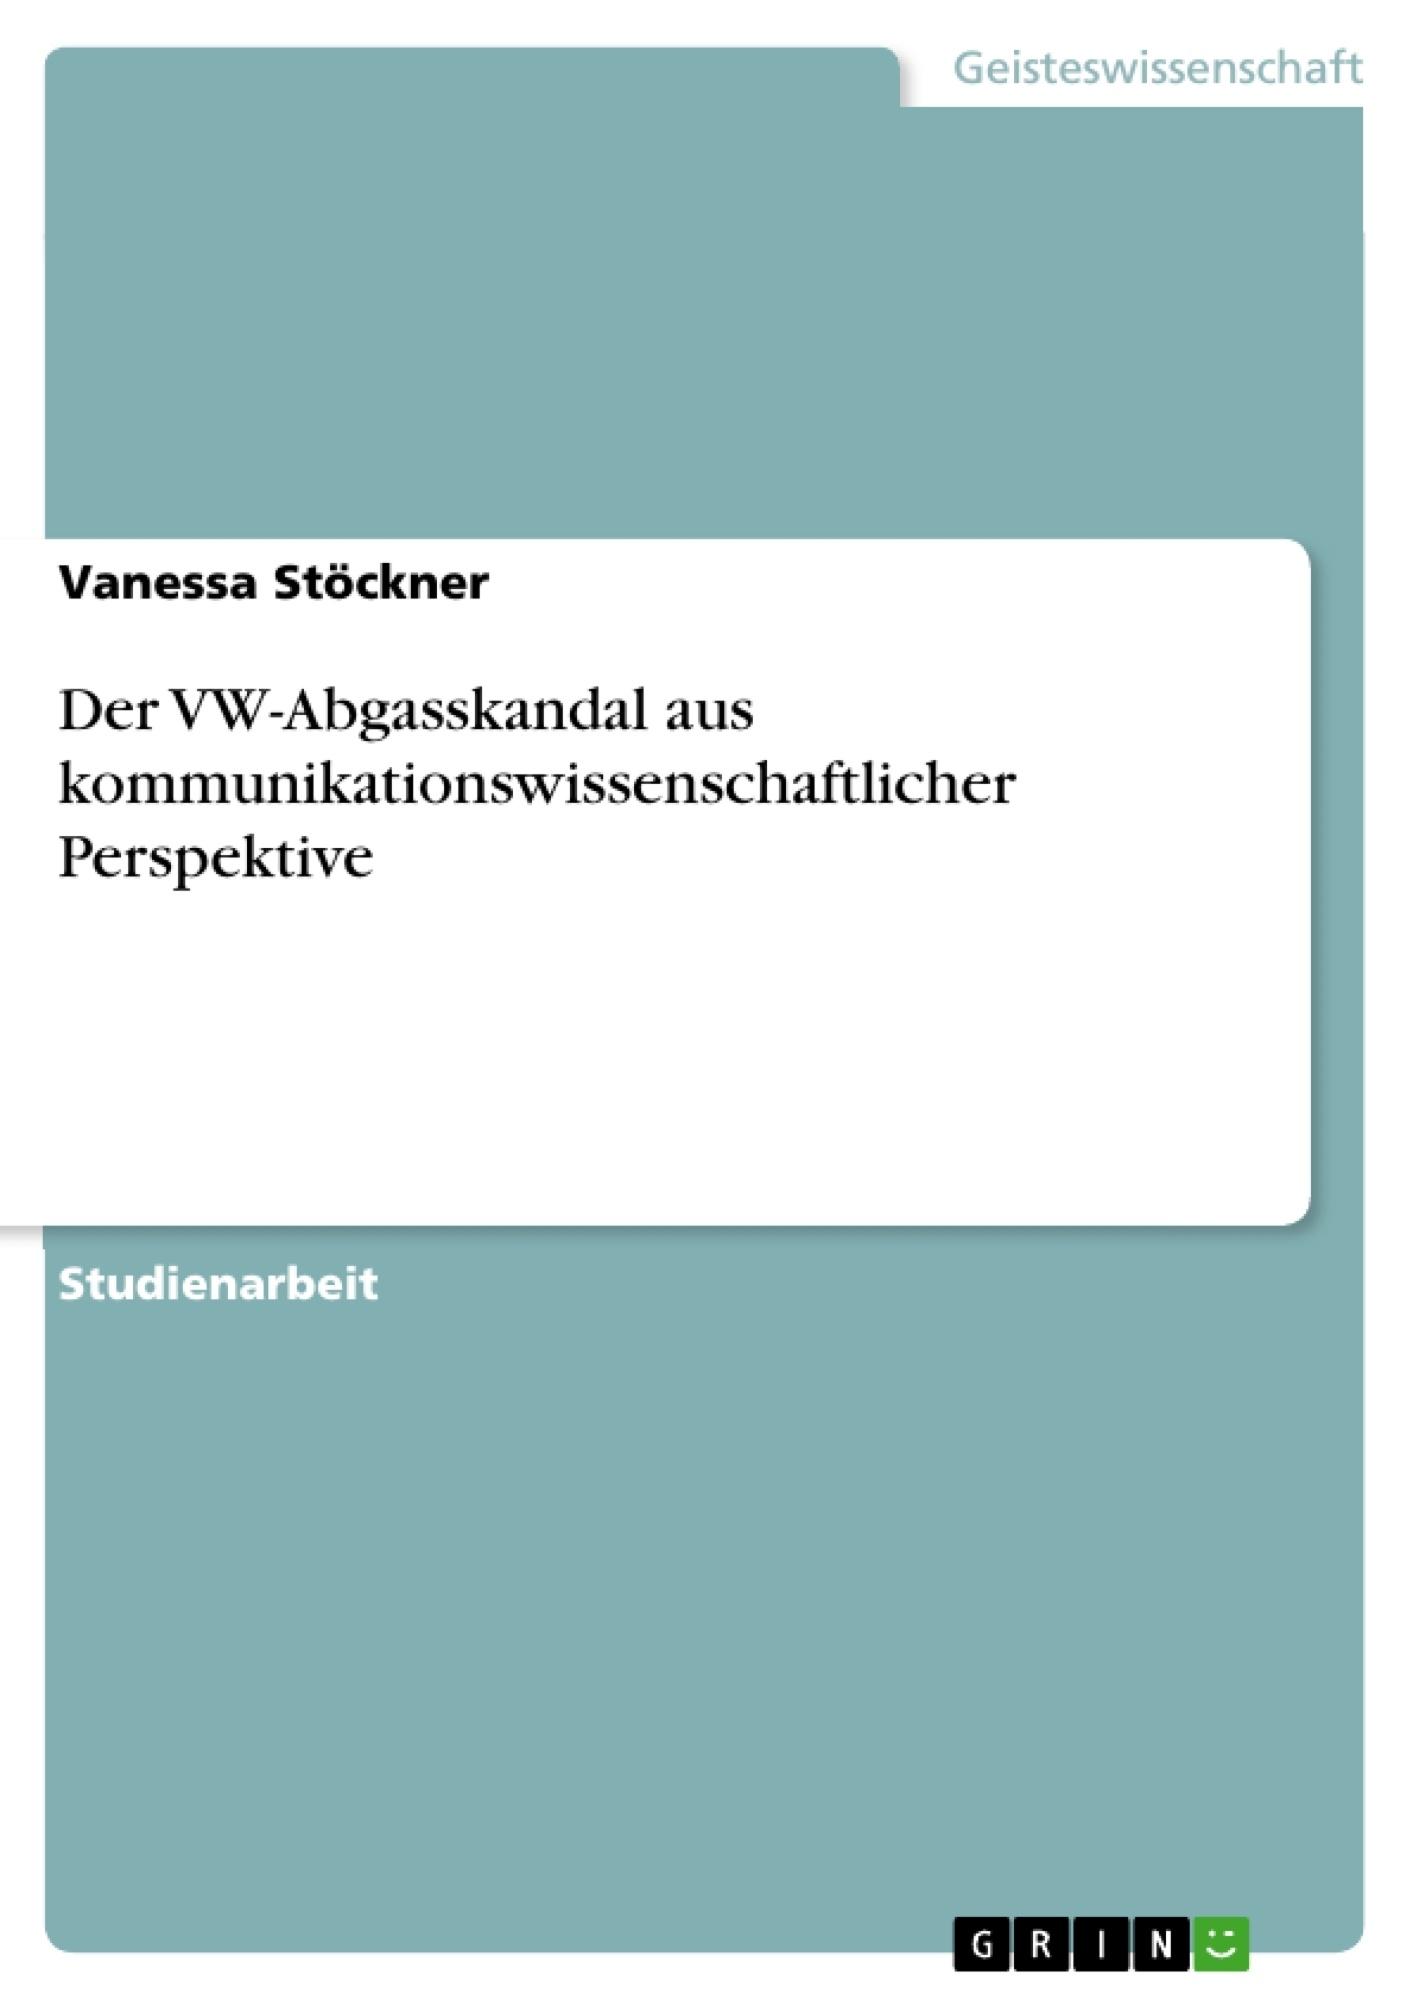 Titel: Der VW-Abgasskandal aus kommunikationswissenschaftlicher Perspektive